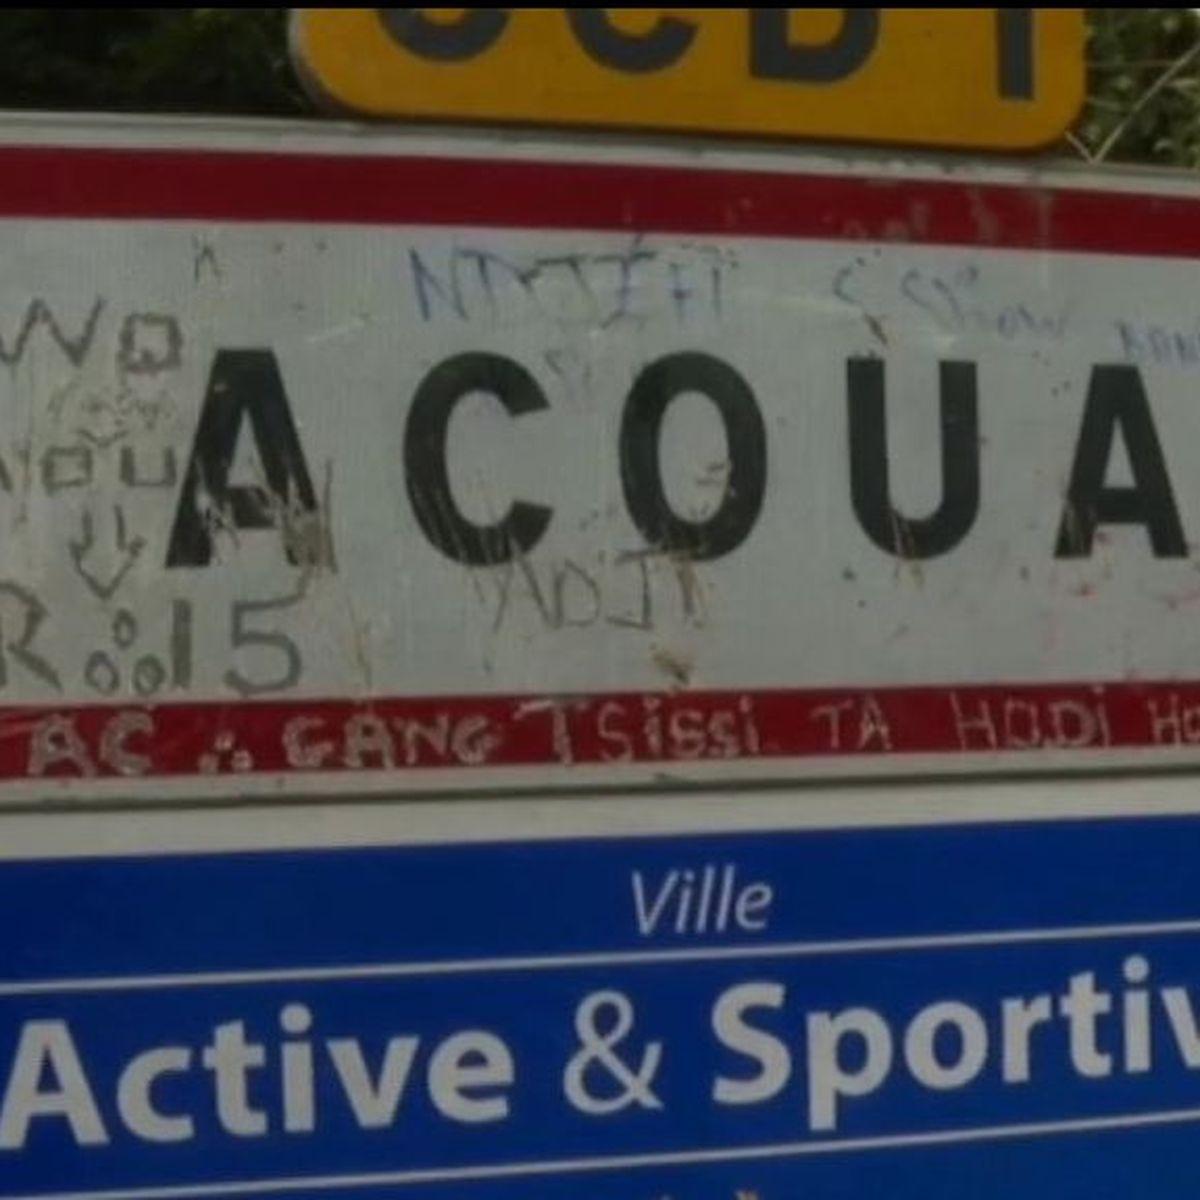 Elections Municipales 2020 : Les atouts et les faiblesses de la commune d'Acoua